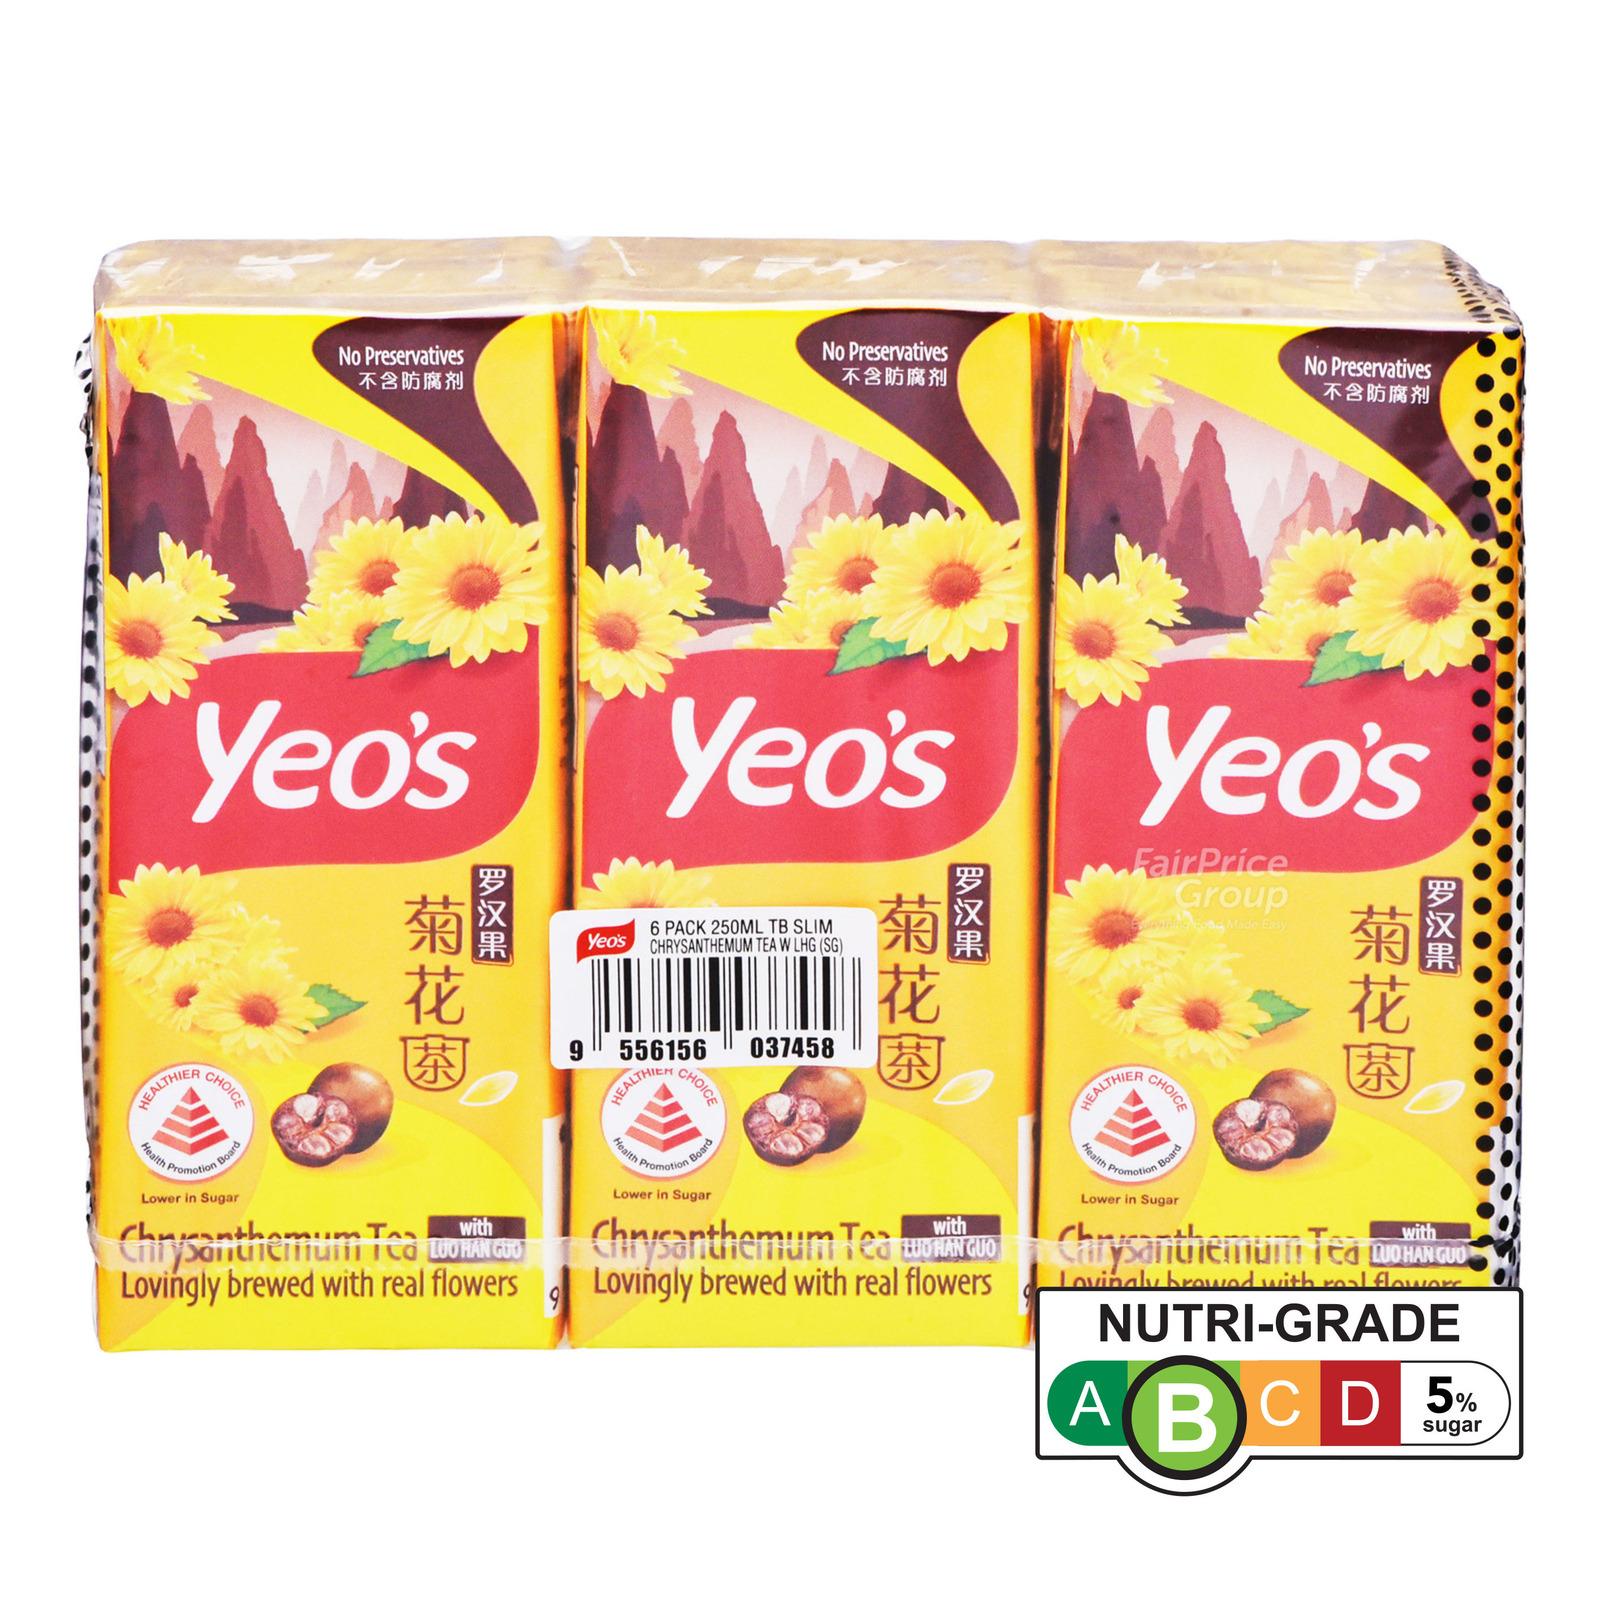 Yeo's Packet Drink - Chrysanthemum Tea & Luo Han Guo